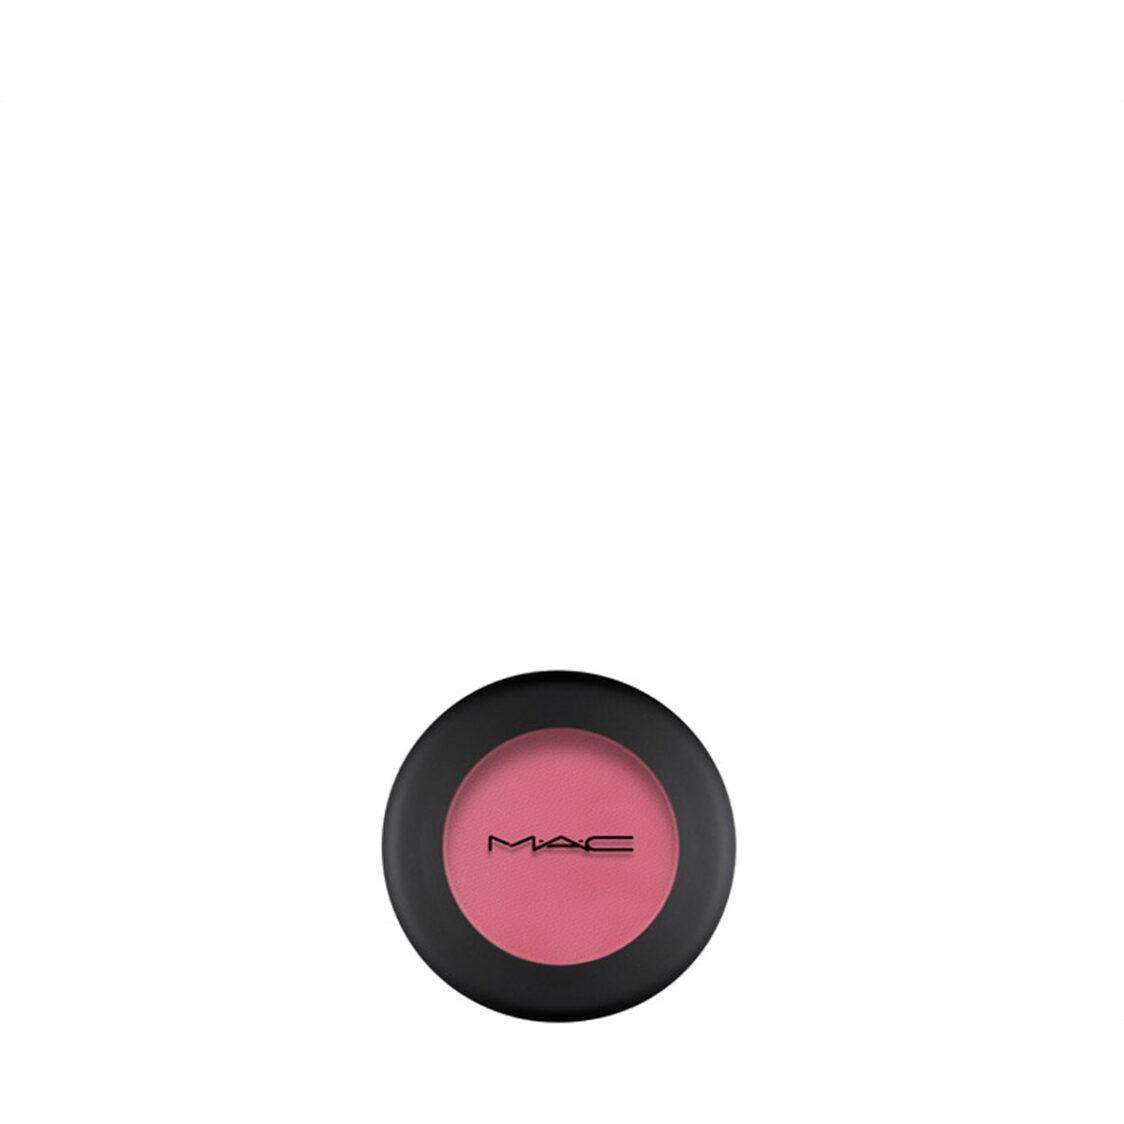 MAC Powder Kiss Soft Matte Eyeshadow